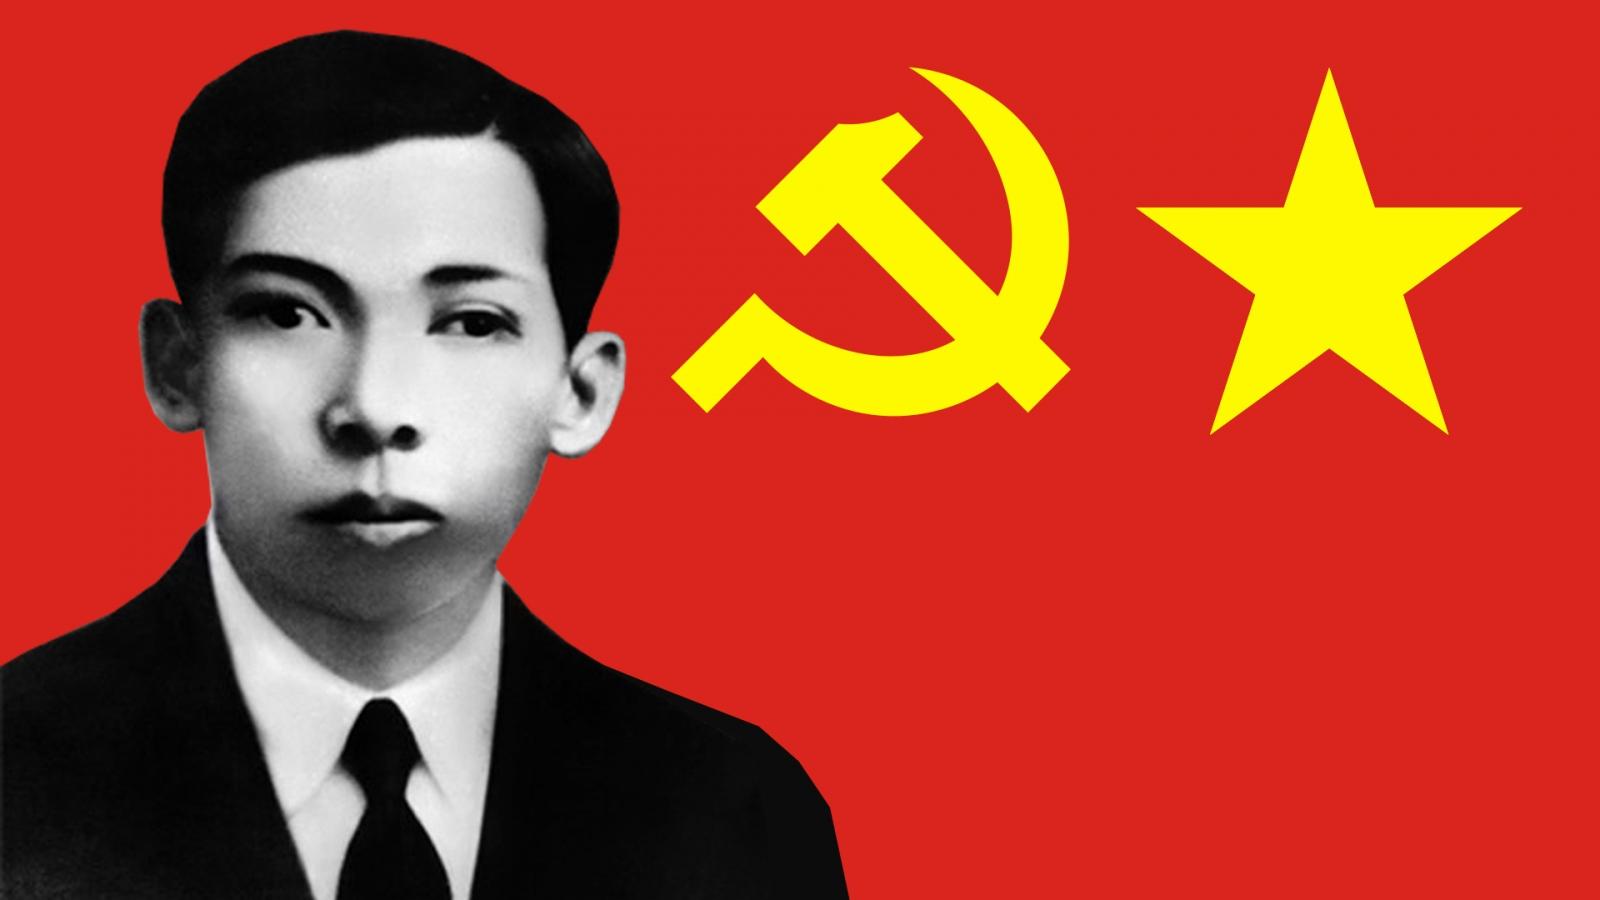 Trần Phú - Tổng Bí thư đầu tiên của Đảng Cộng sản Việt Nam